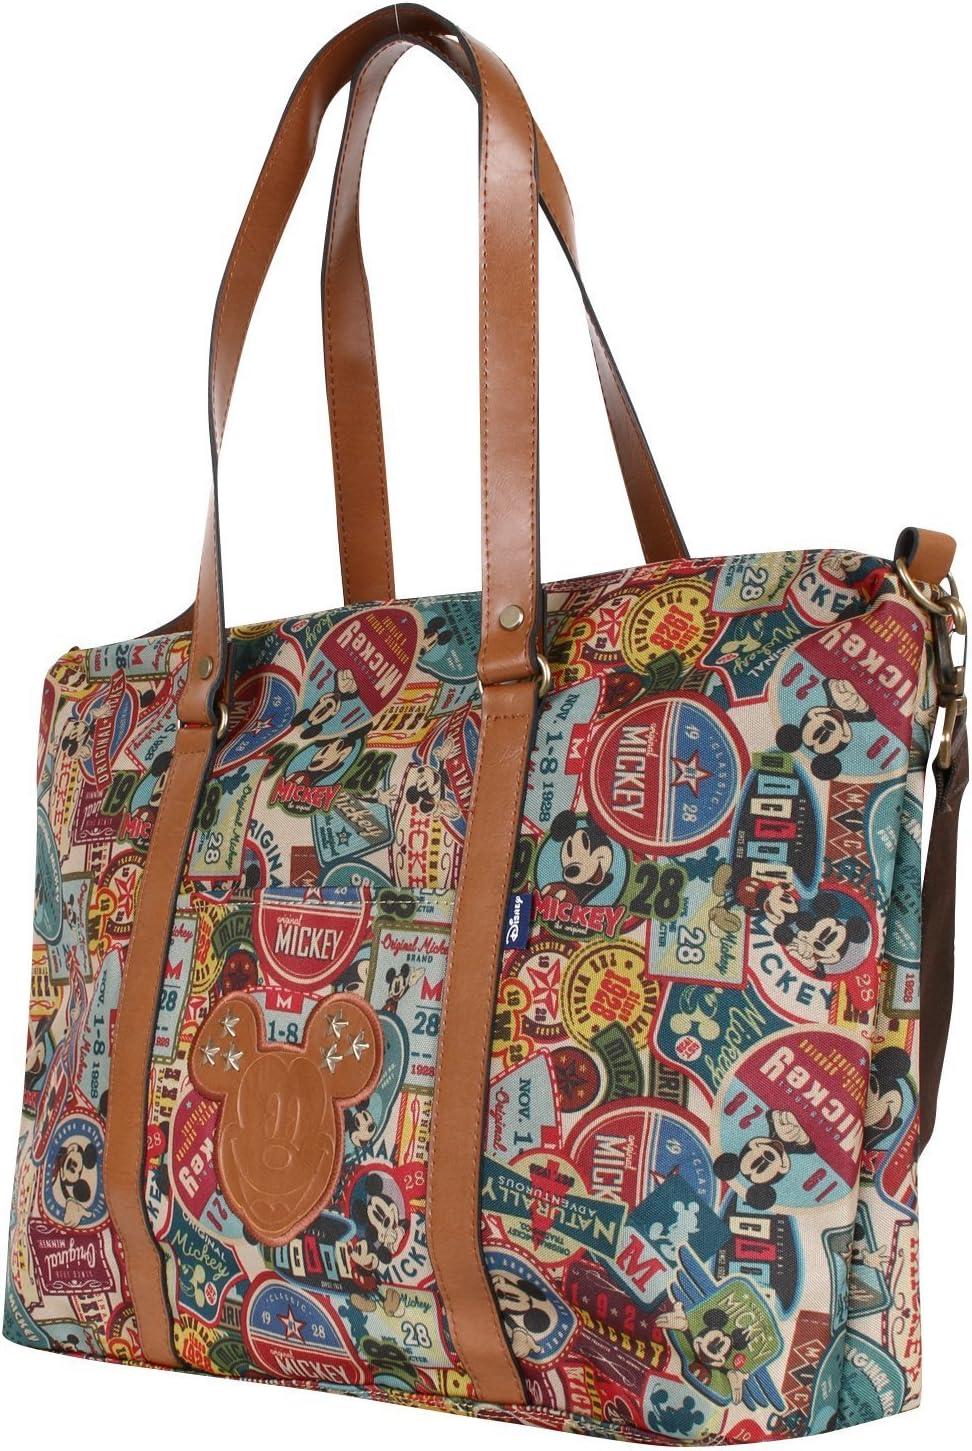 Disney Vintage Mickey Pattern All Purpose Shoulder Bag Large Shopper Handbag bag-058-1